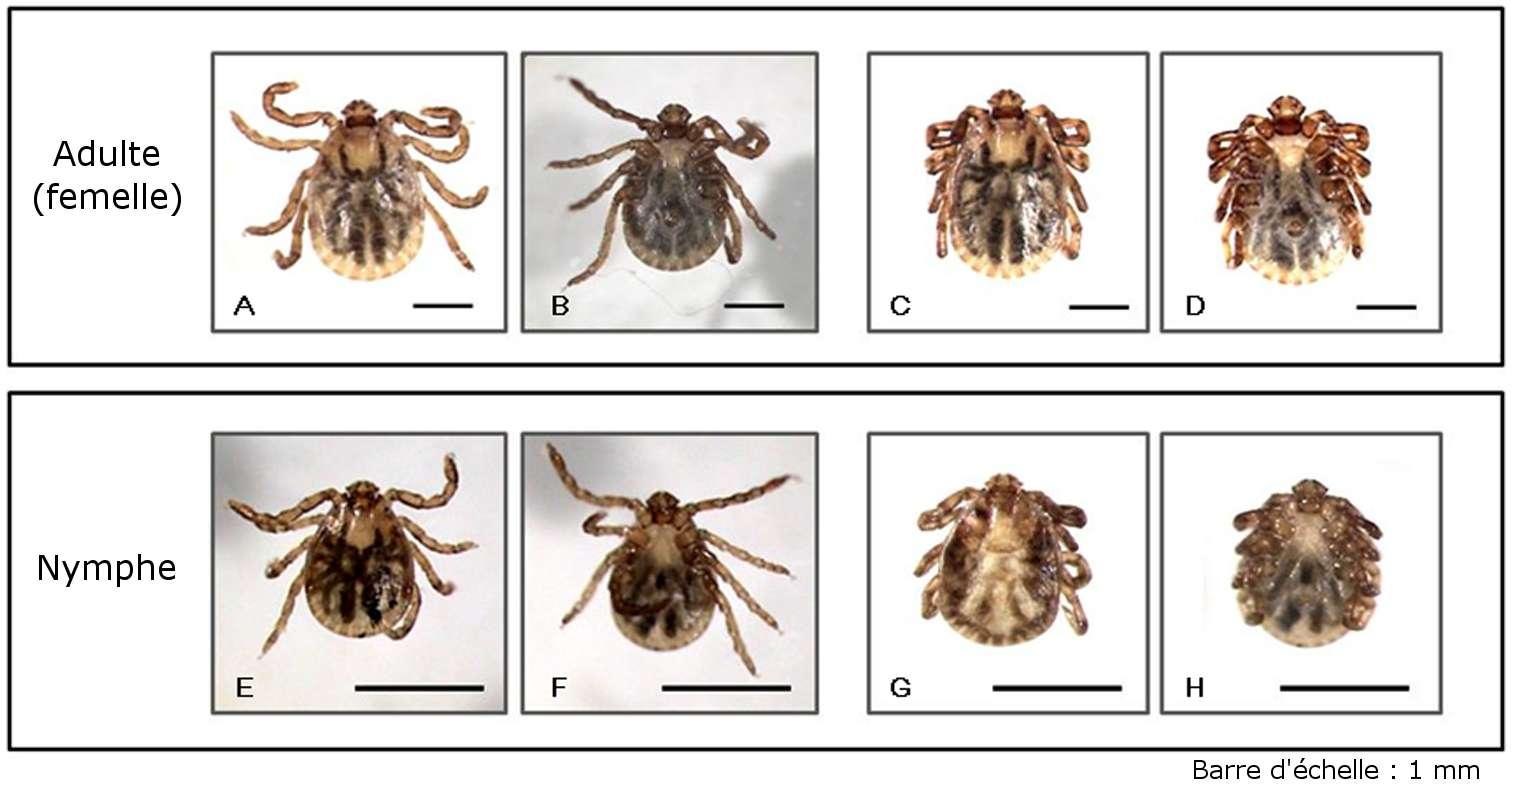 Des tiques Haemaphysalis flava adultes (en haut) et à l'état de nymphe (en bas). Les deux premières photographies de chaque ligne montrent des animaux vivants en vue dorsale puis ventrale. Sur les deux suivantes, les acariens sont morts. Remarquez la position des pattes qui sont alors repliées sur le corps. © Yasuhito Ishigaki et al. 2012, Plos One